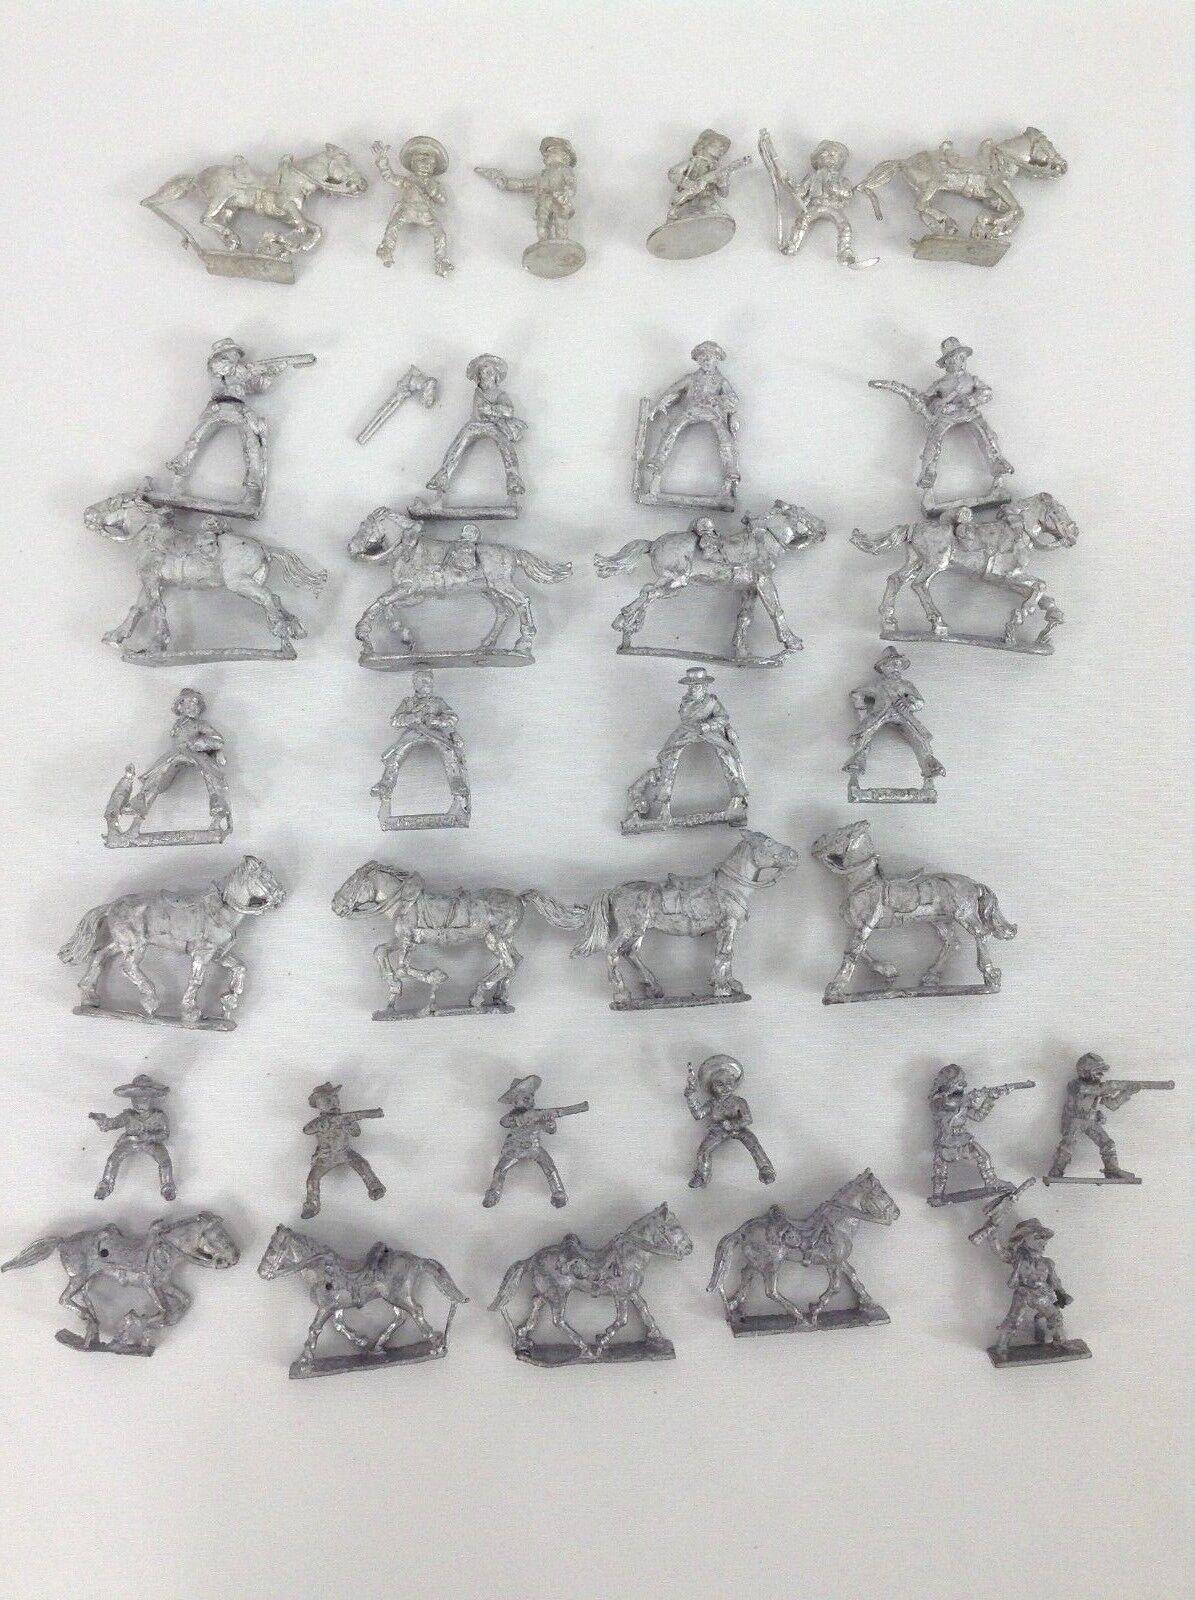 Lot of Horse Mounted Men Metal Miniatures Wargaming